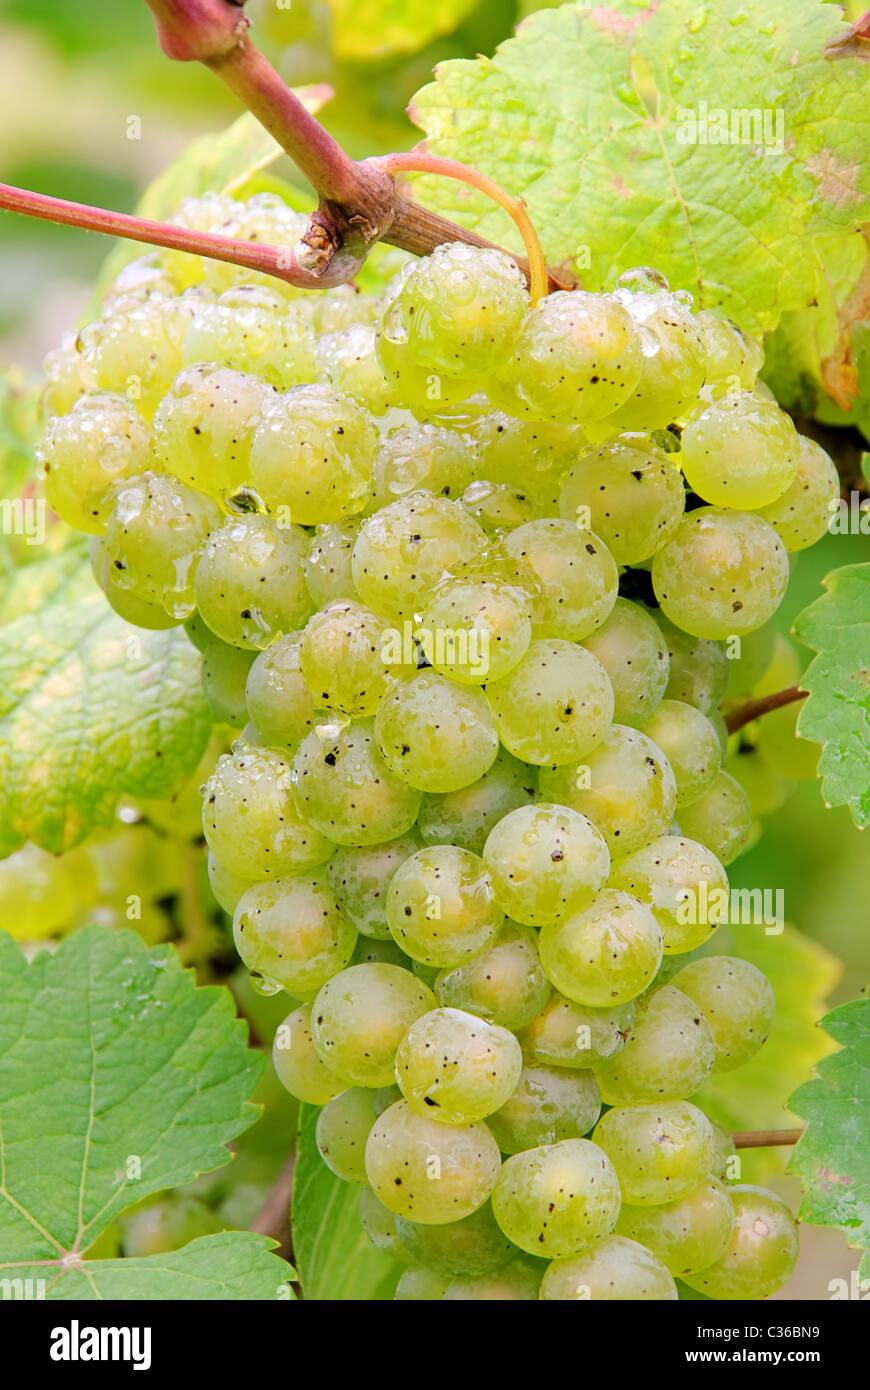 Weintraube weiss - grape white 06 Stock Photo